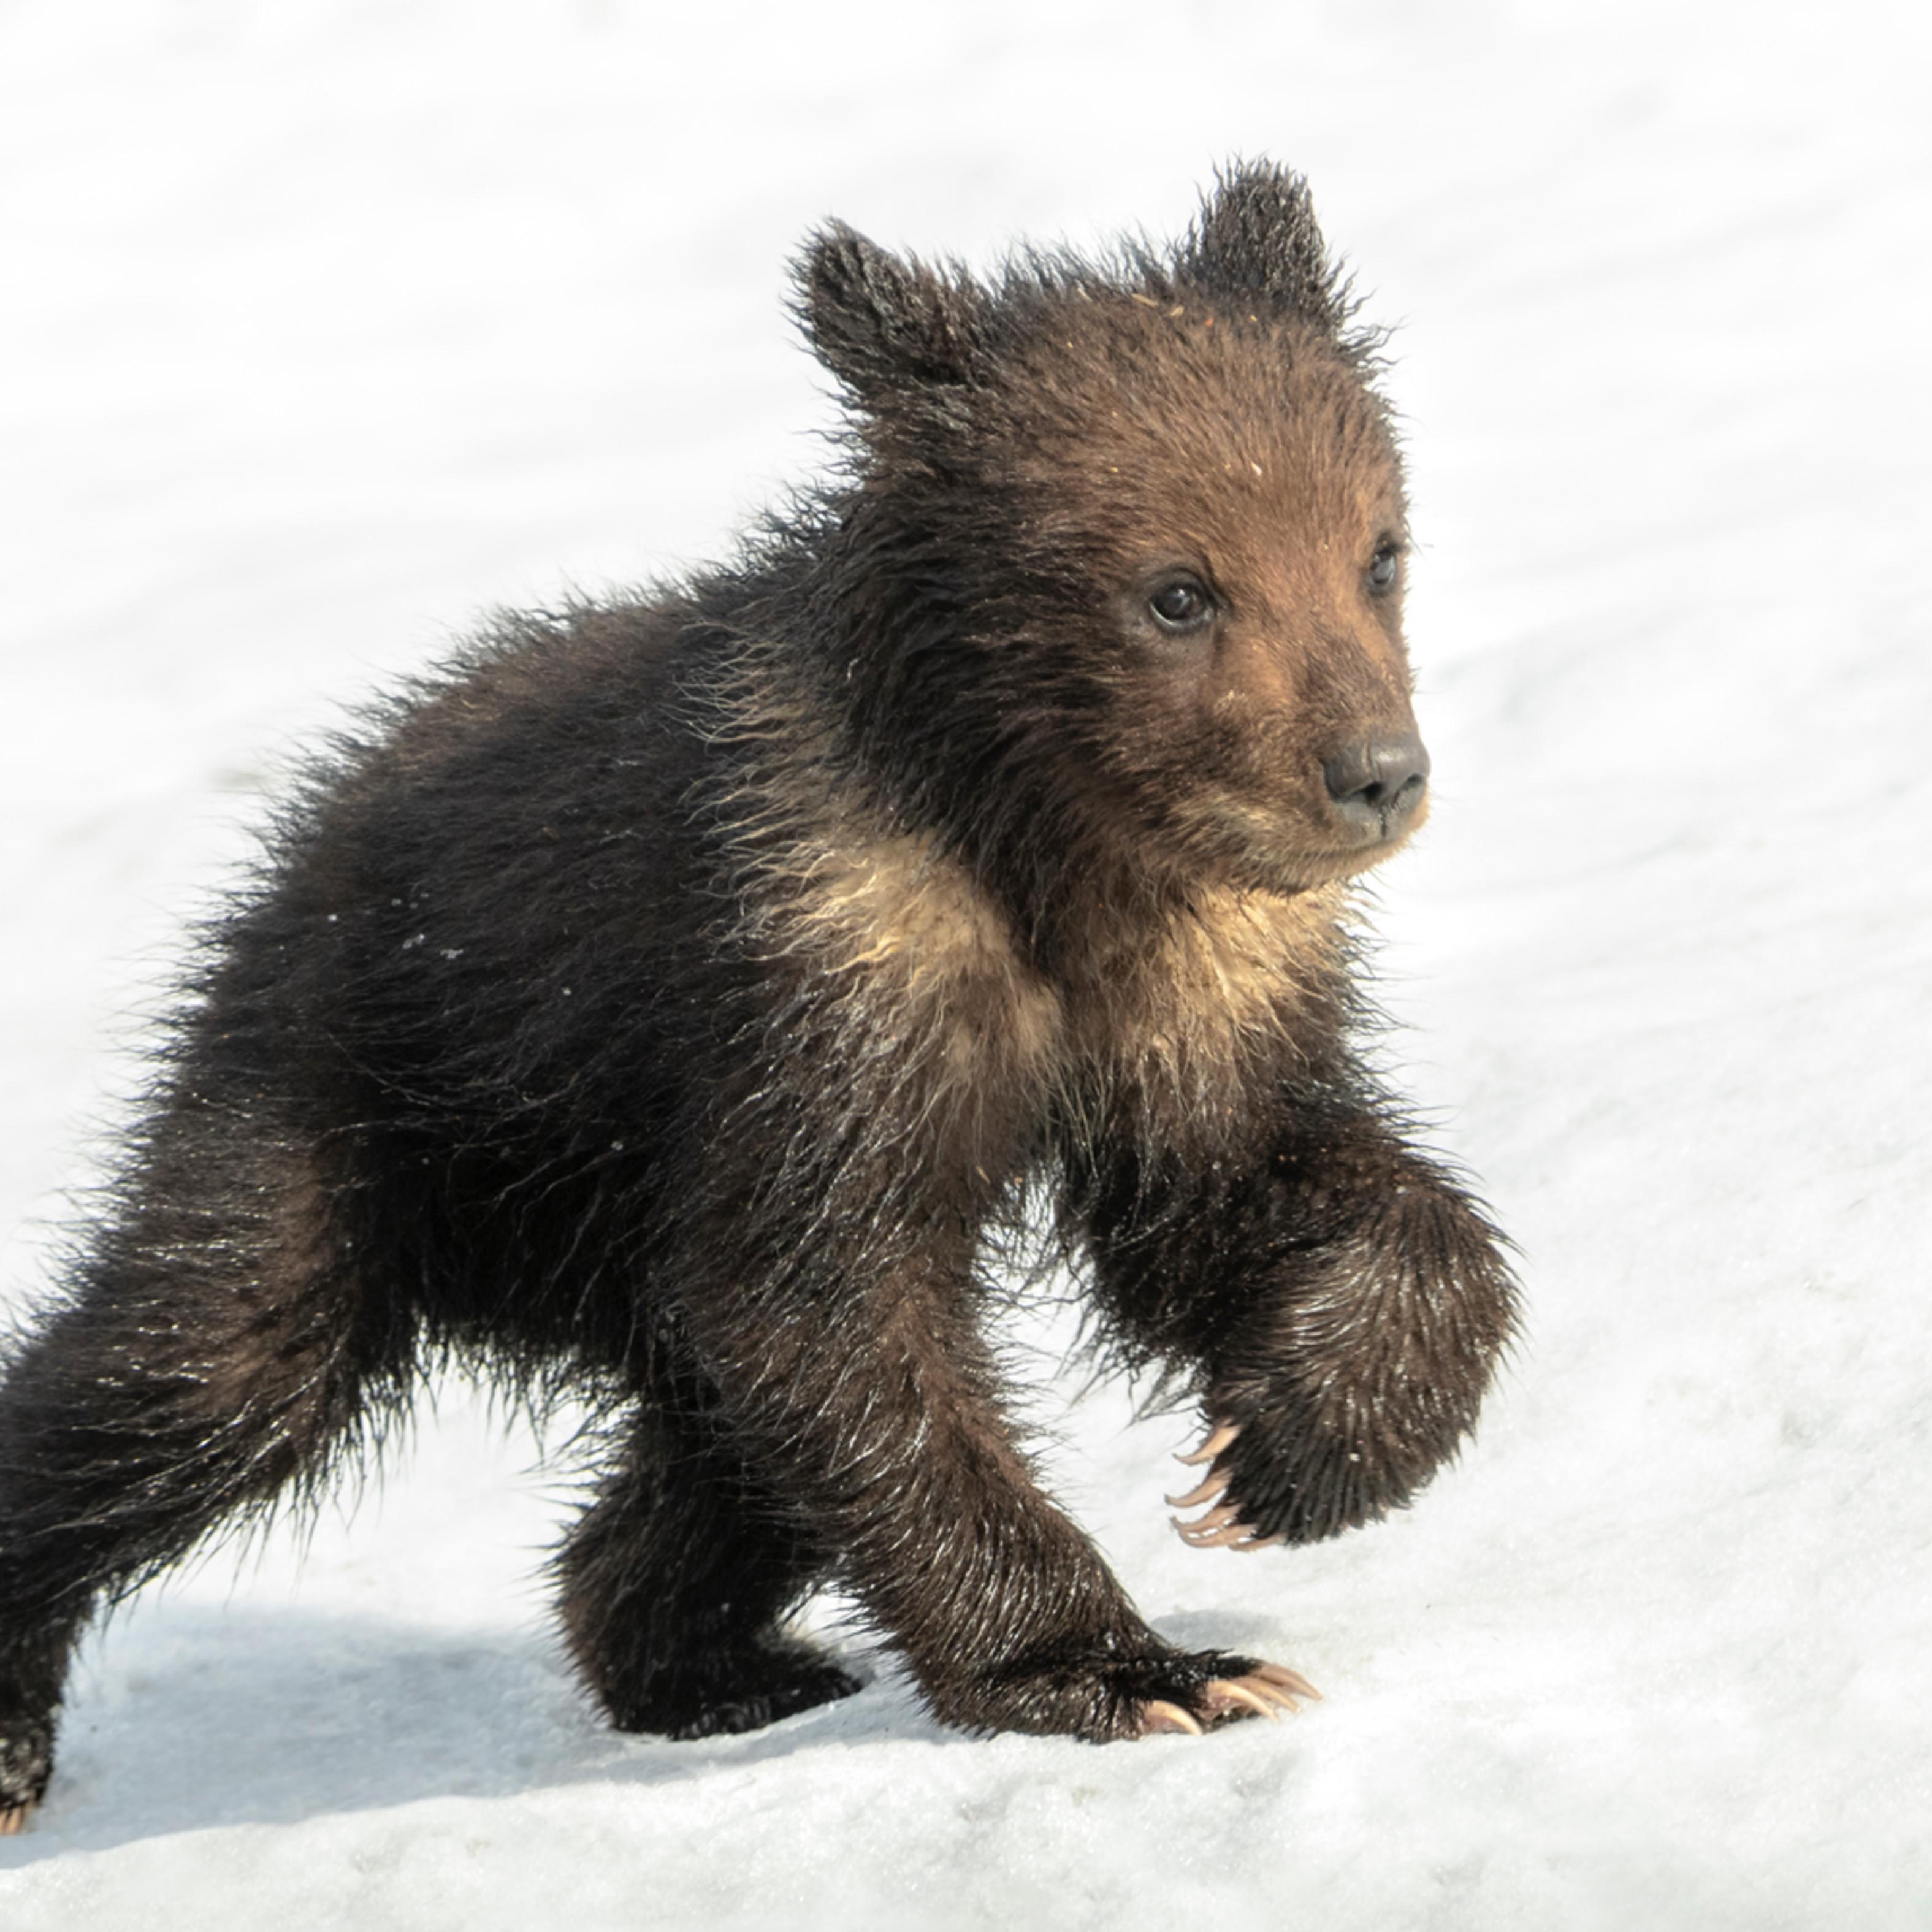 Grizzly cub in snow x2032 1.5 4726 x 3151 j100argb 20190523 1353 g9tj8p